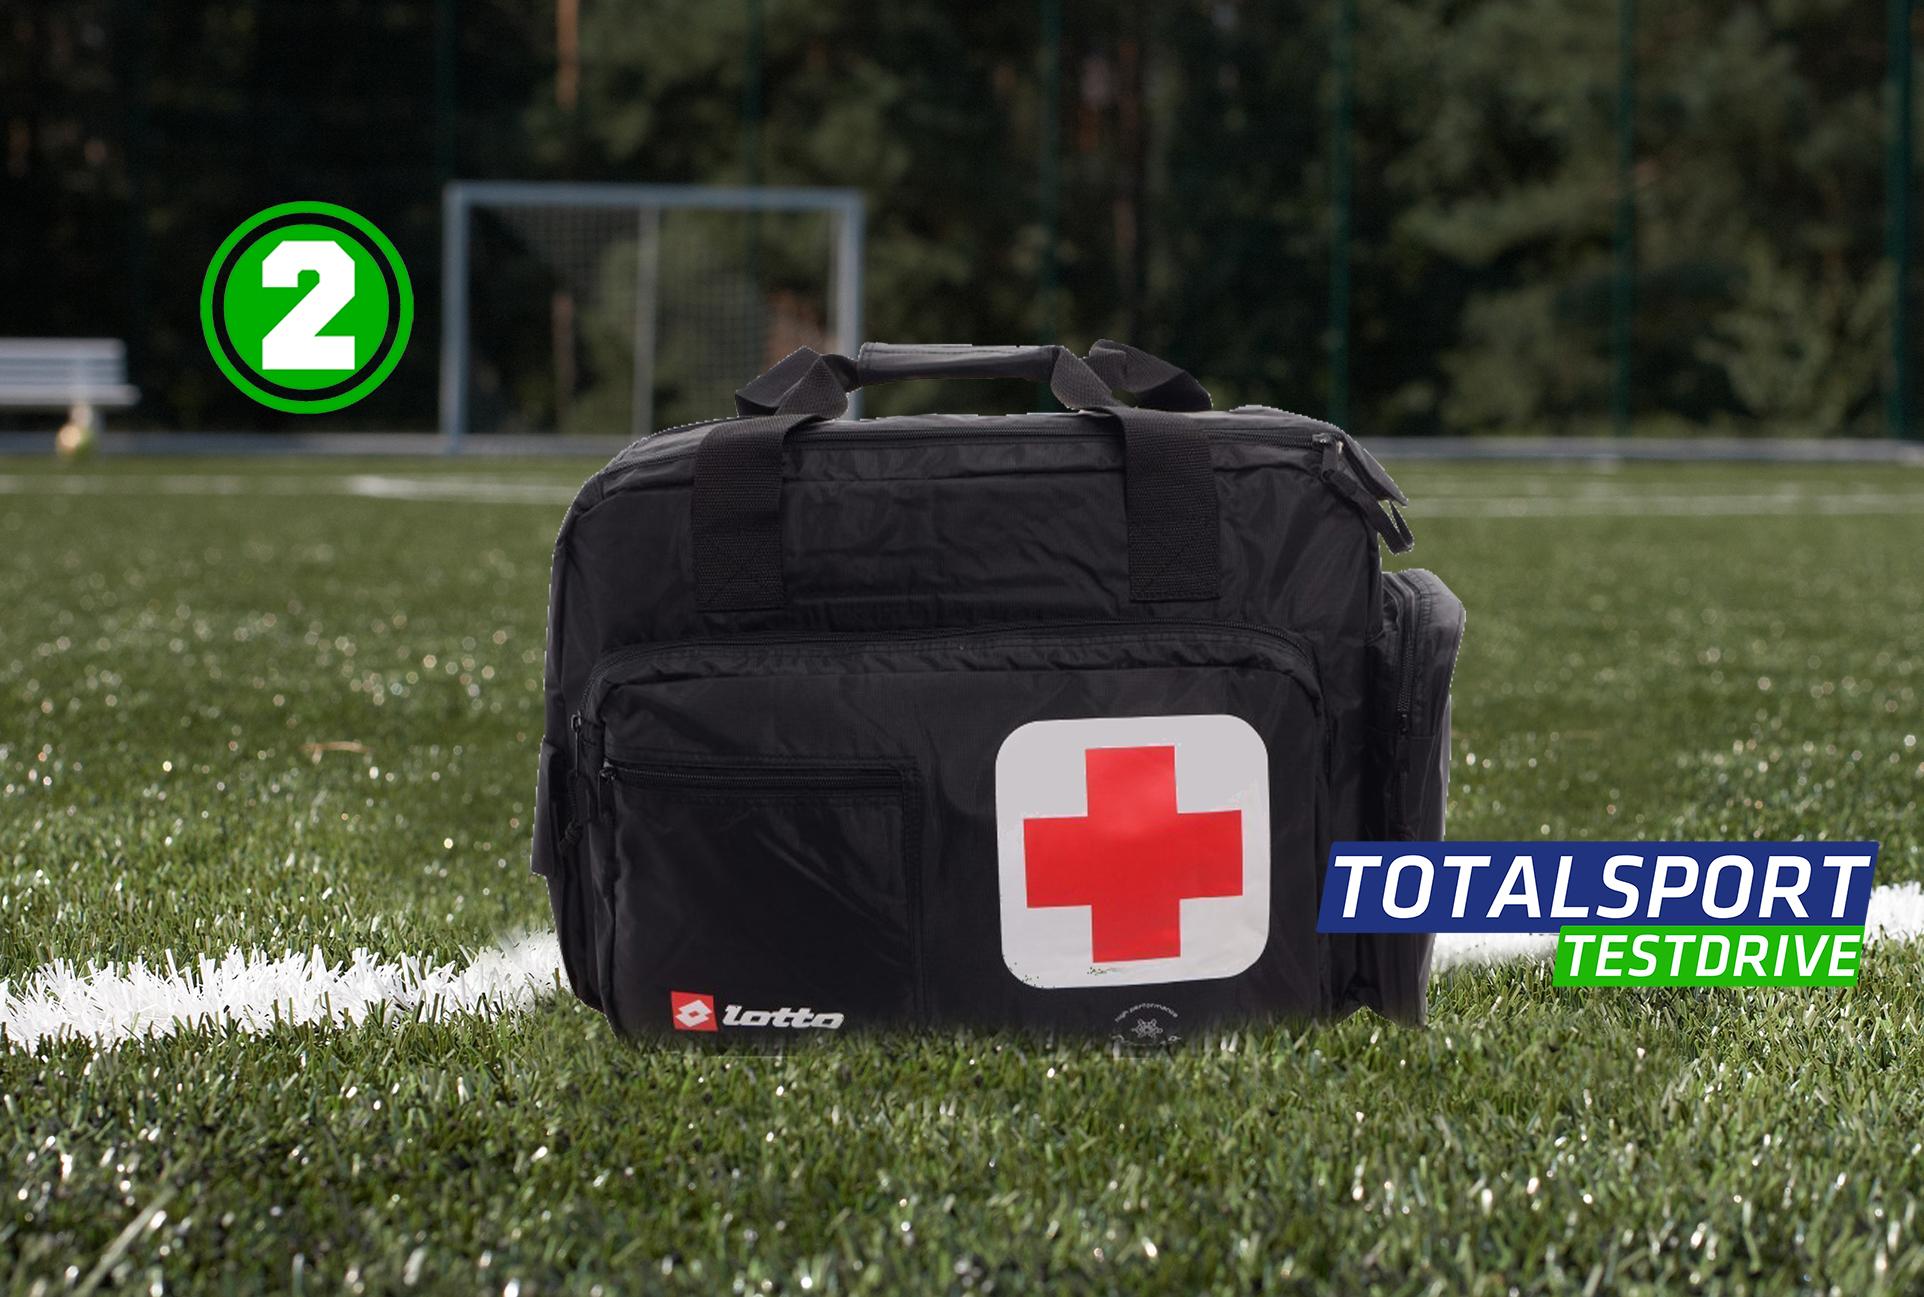 c1d8f84be57b Лучшая медицинская сумка для футбола(Топ 5 медицинских сумок)